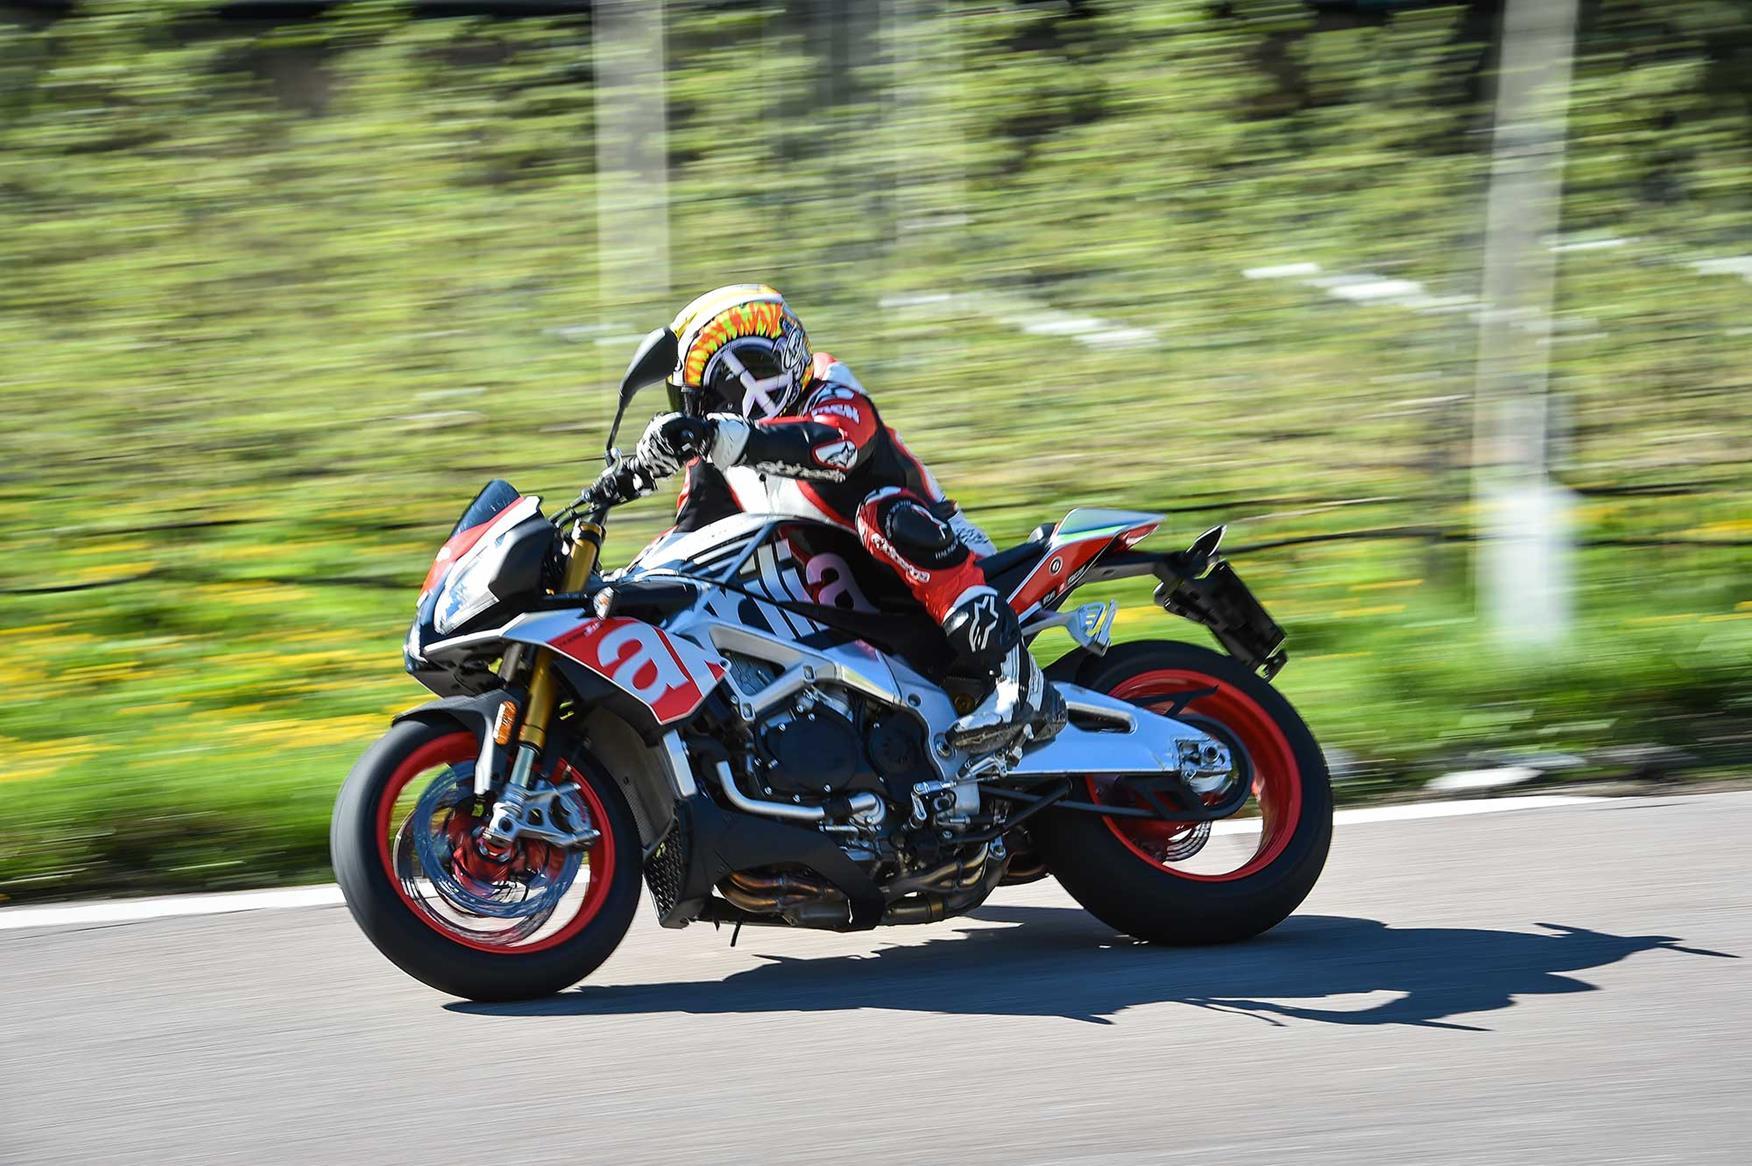 Aprilia Tuono V4 1100 on the road